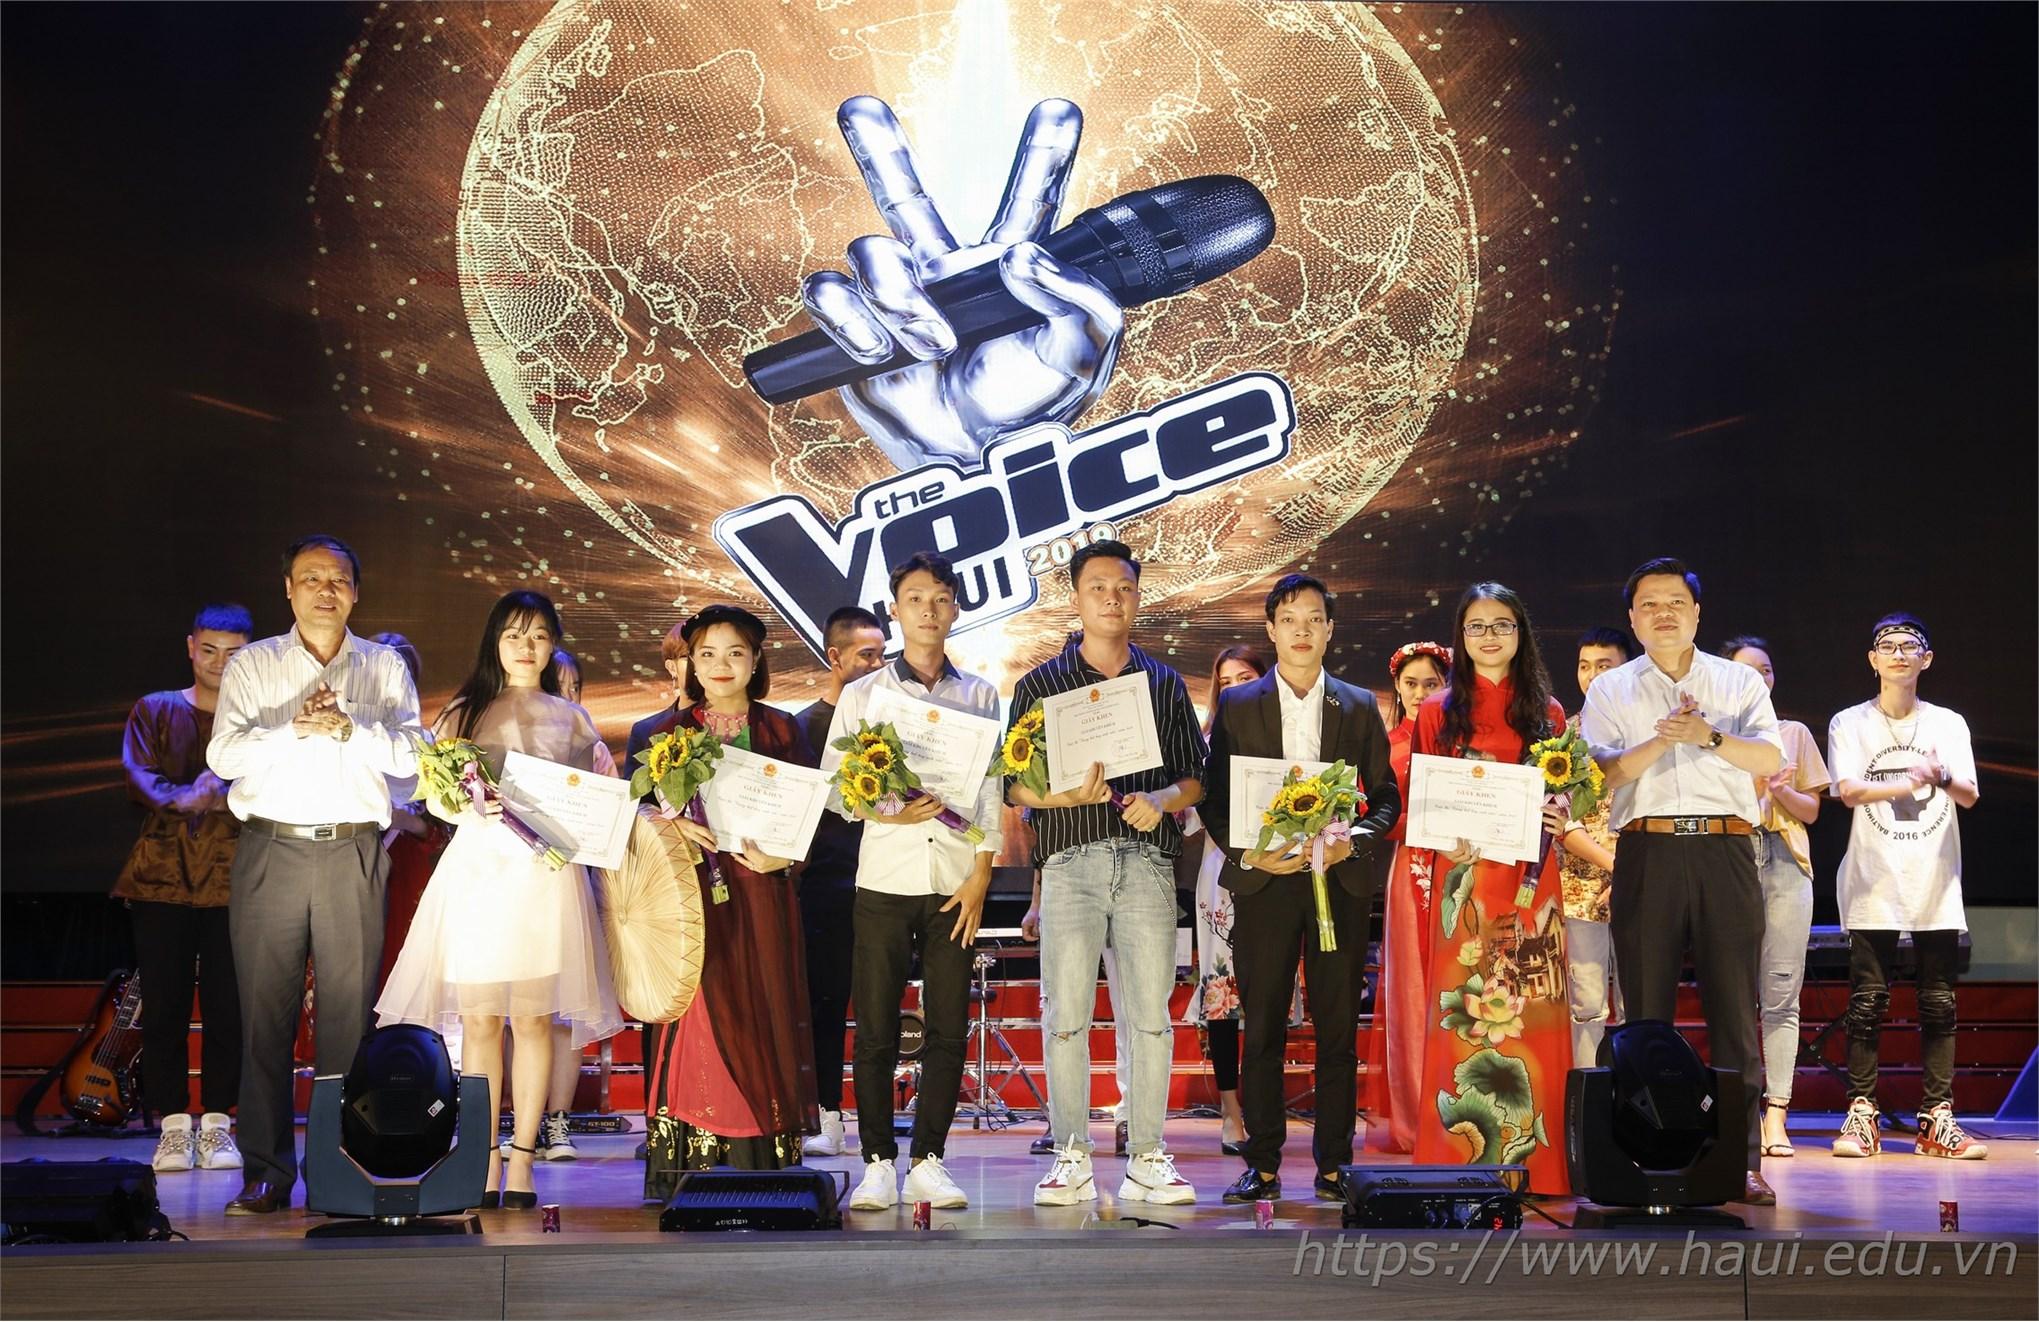 PGS.TS. Phạm Văn Đông - Chủ tịch Công đoàn trường và ông Hạ Bá Tiến - Giám đốc Trung tâm TT&QHCC trao giải Khuyến khích cho các thí sinh